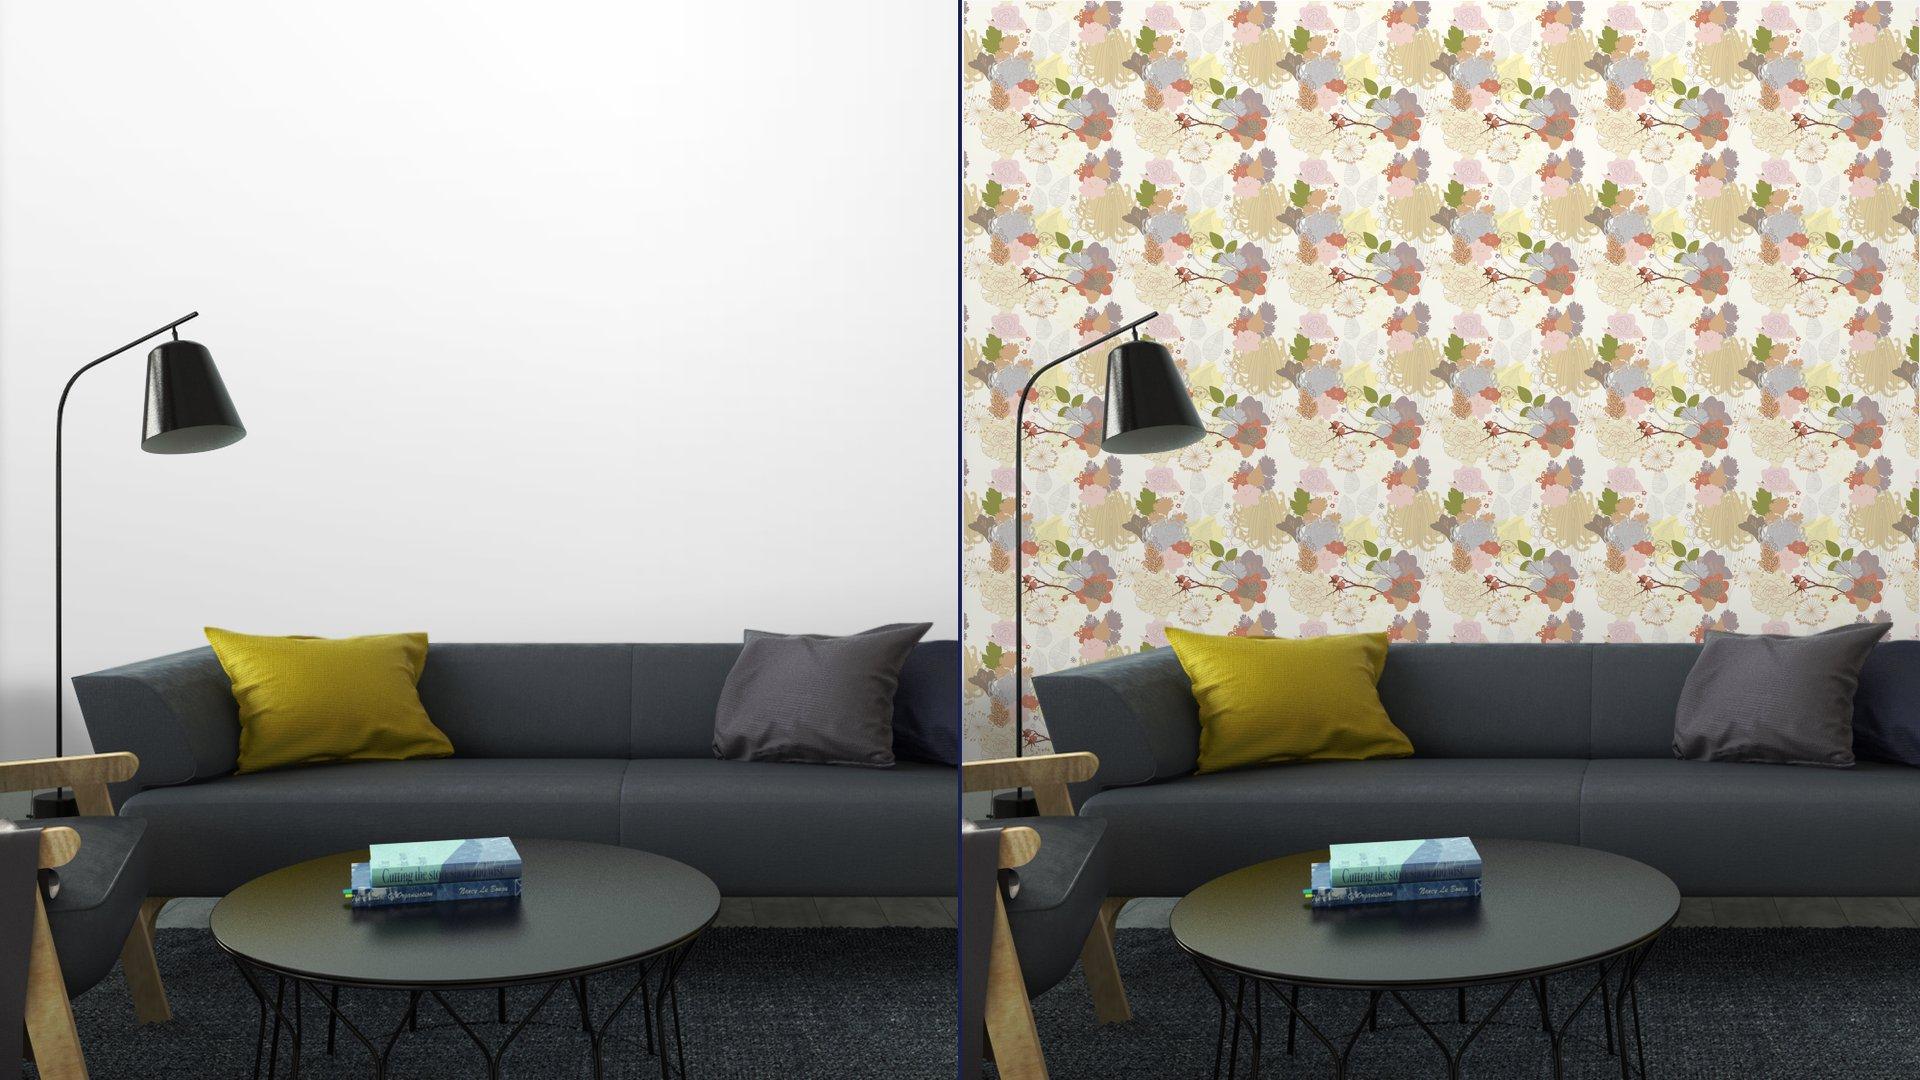 Fotomurales mexico papeles pintados de fondo sin fisuras con el ornamento botanico abstracto 5 - Papel Tapiz Floral Abstracto en Fondo Blanco 01